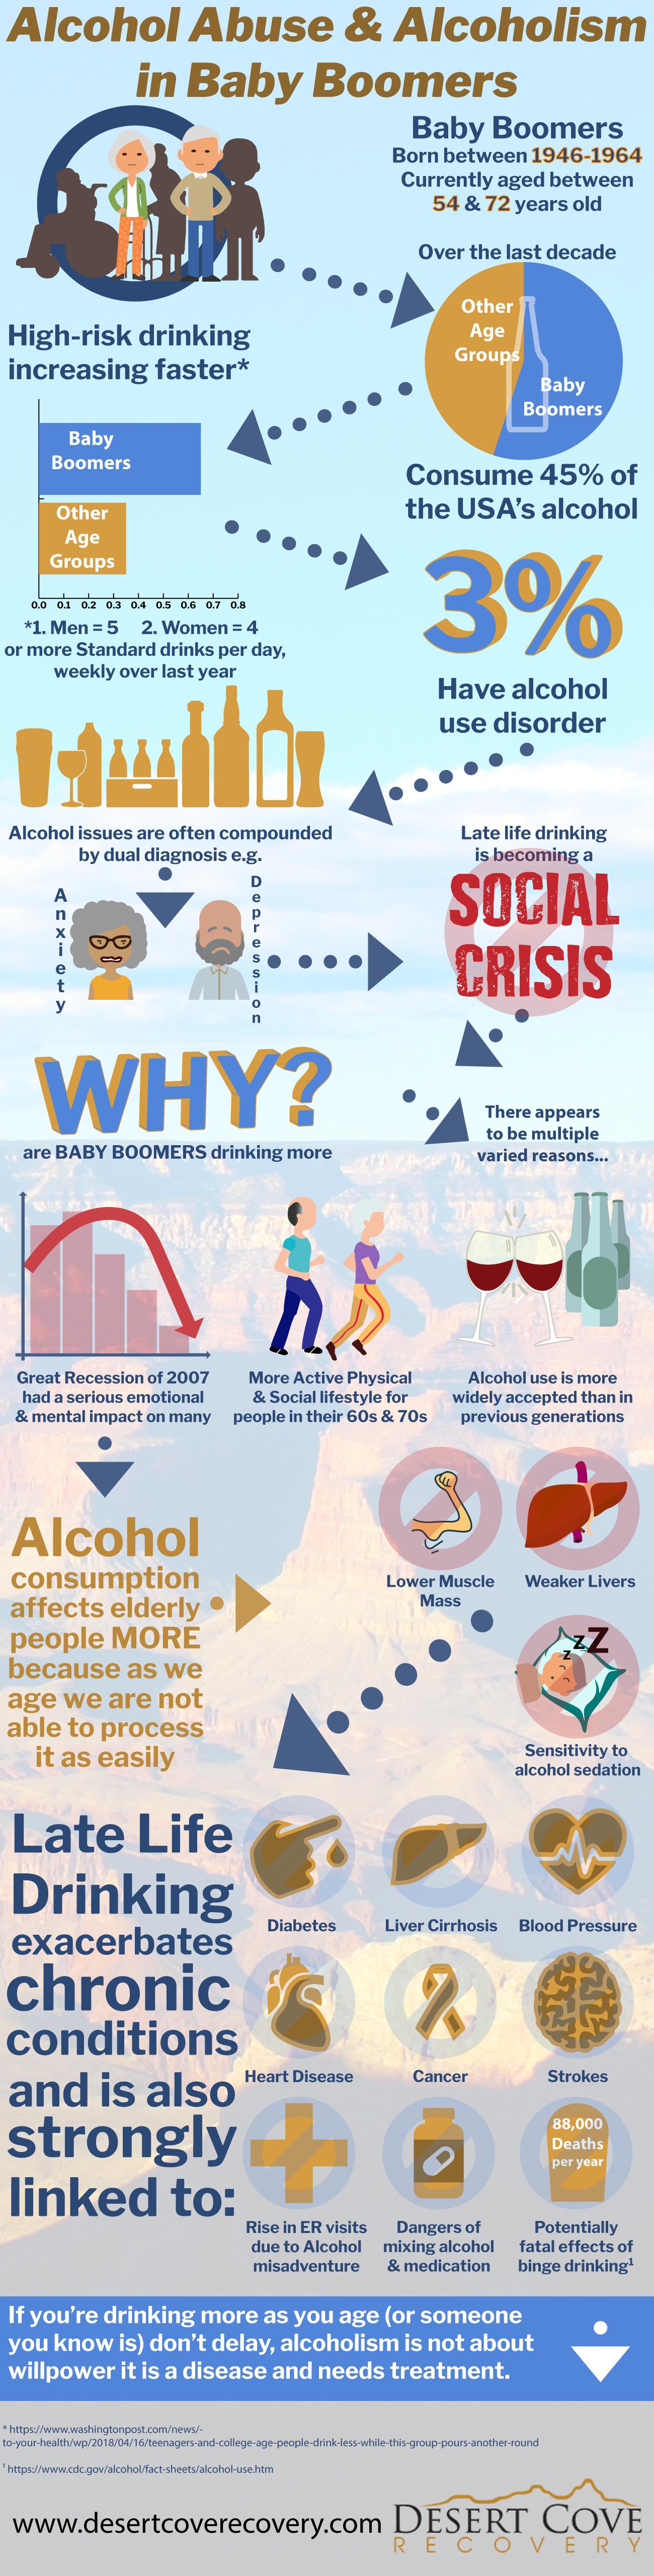 Baby boomers drinking, alcohol treatment center arizona